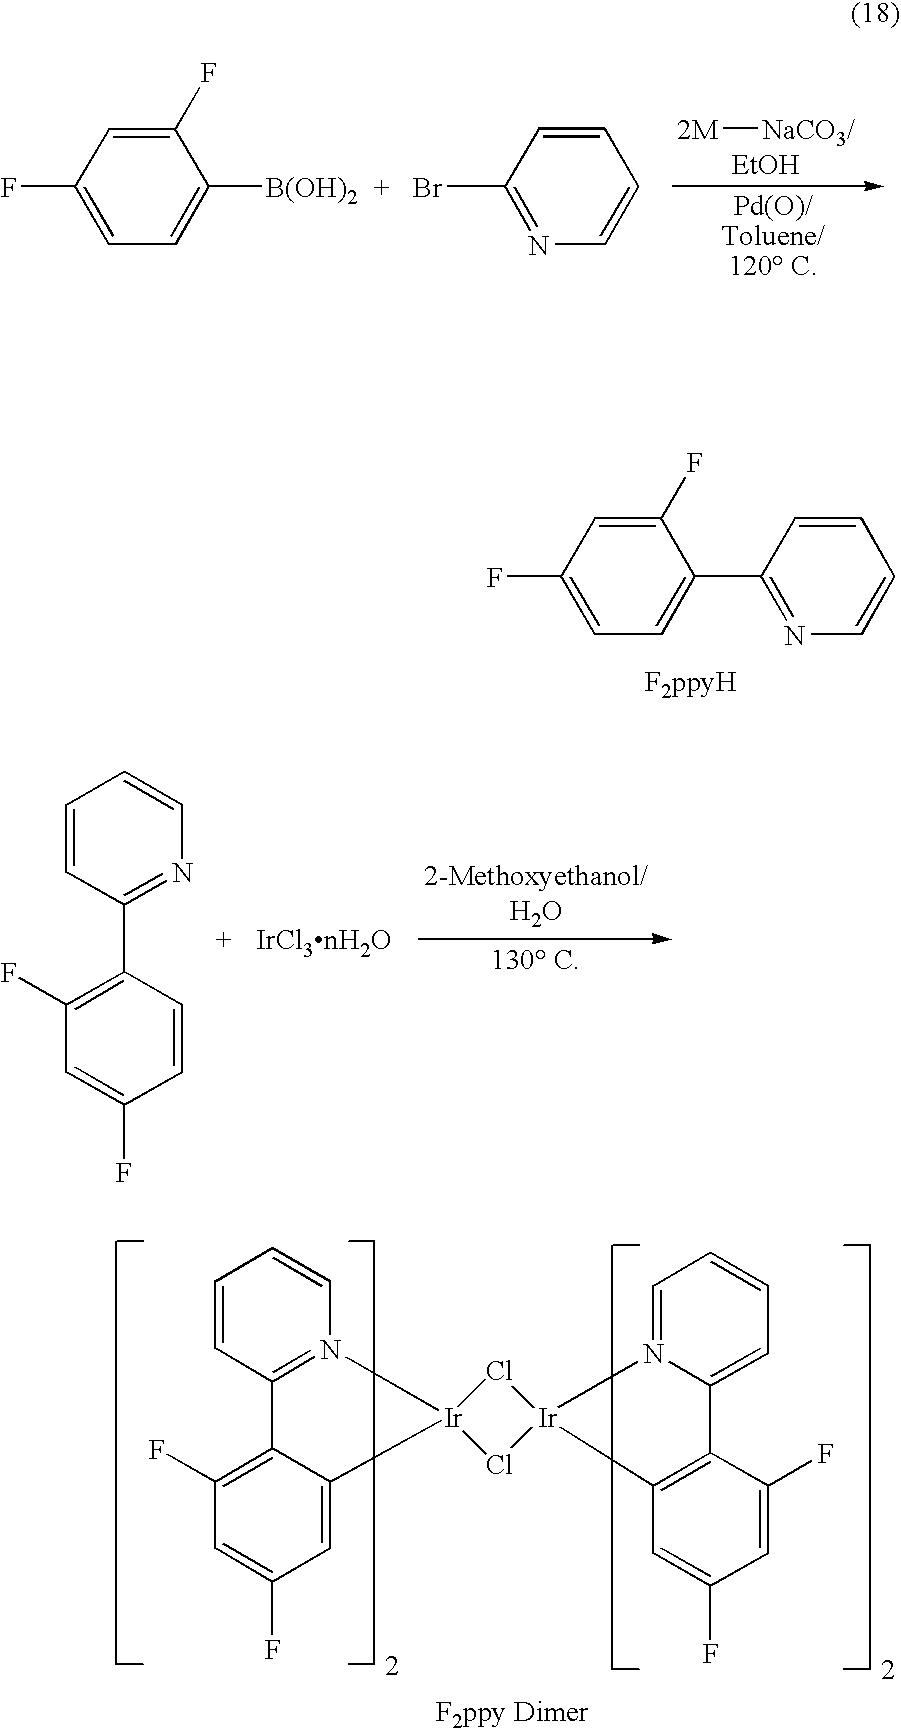 Figure US20060177695A1-20060810-C00017